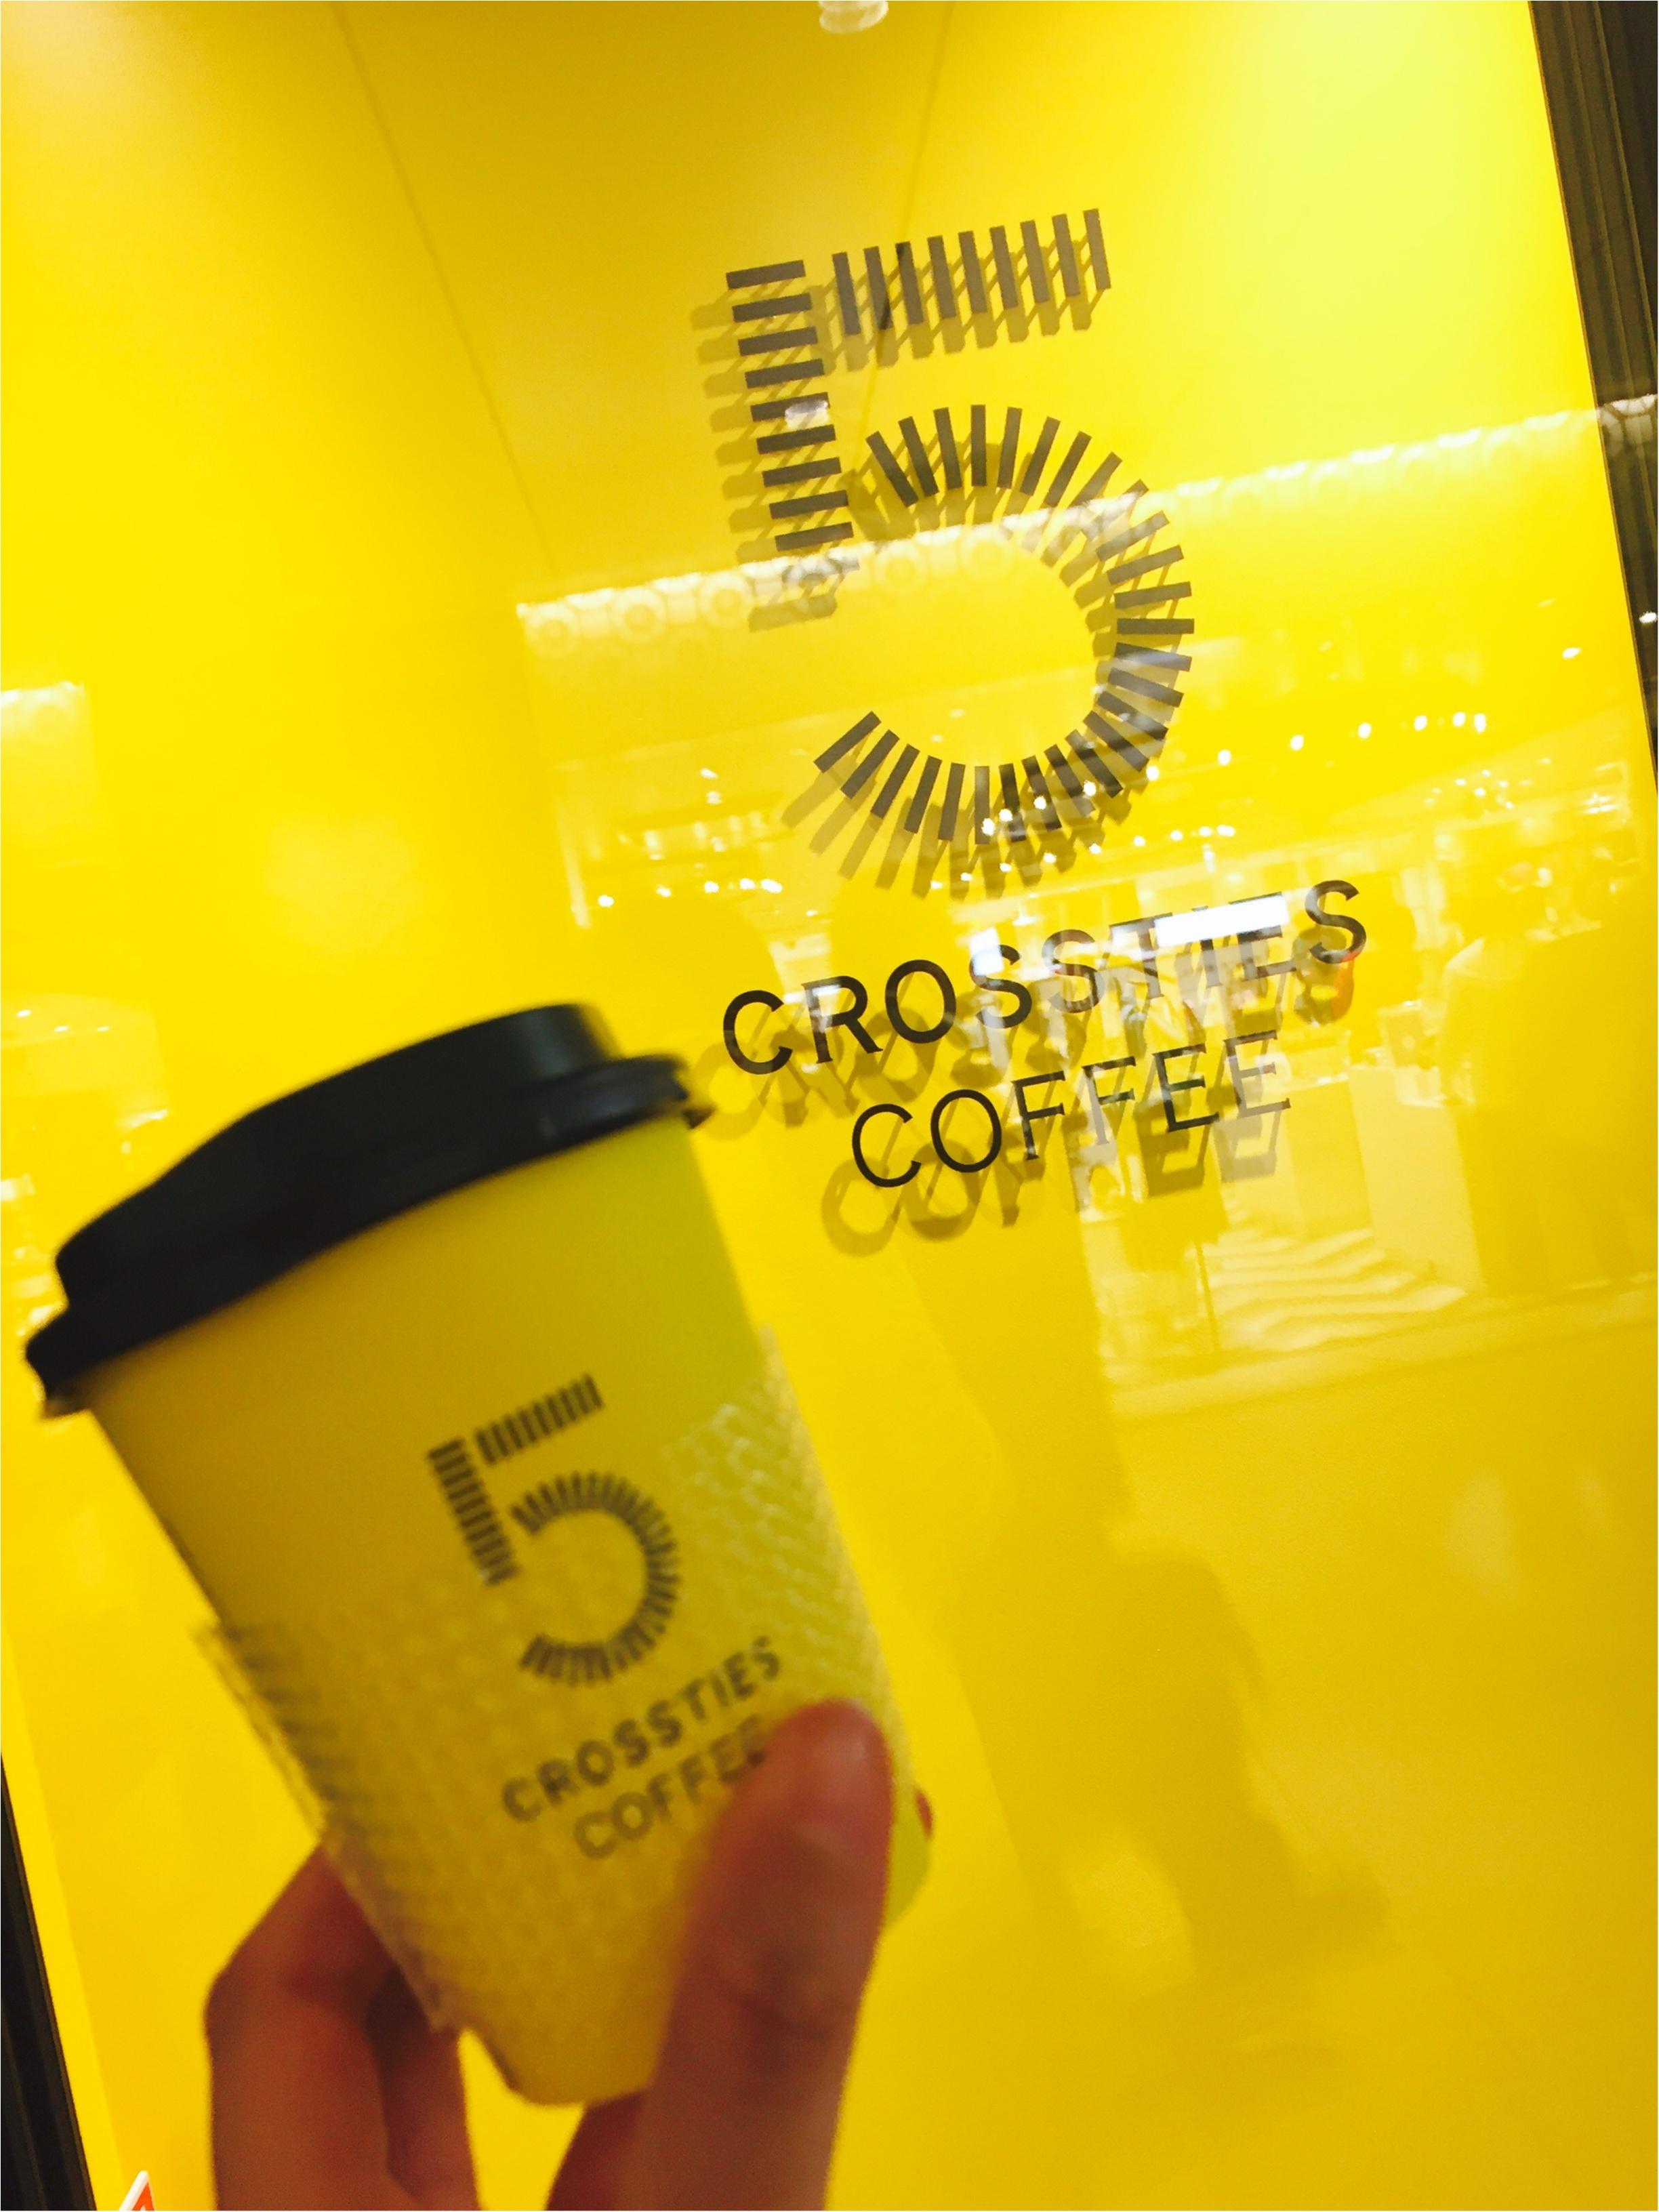 【グランスタ丸の内】東京駅直結!黄色カップがお目立ち可愛い❤︎フォトジェニックなカフェ写真を撮るならココがおすすめ❤︎_2